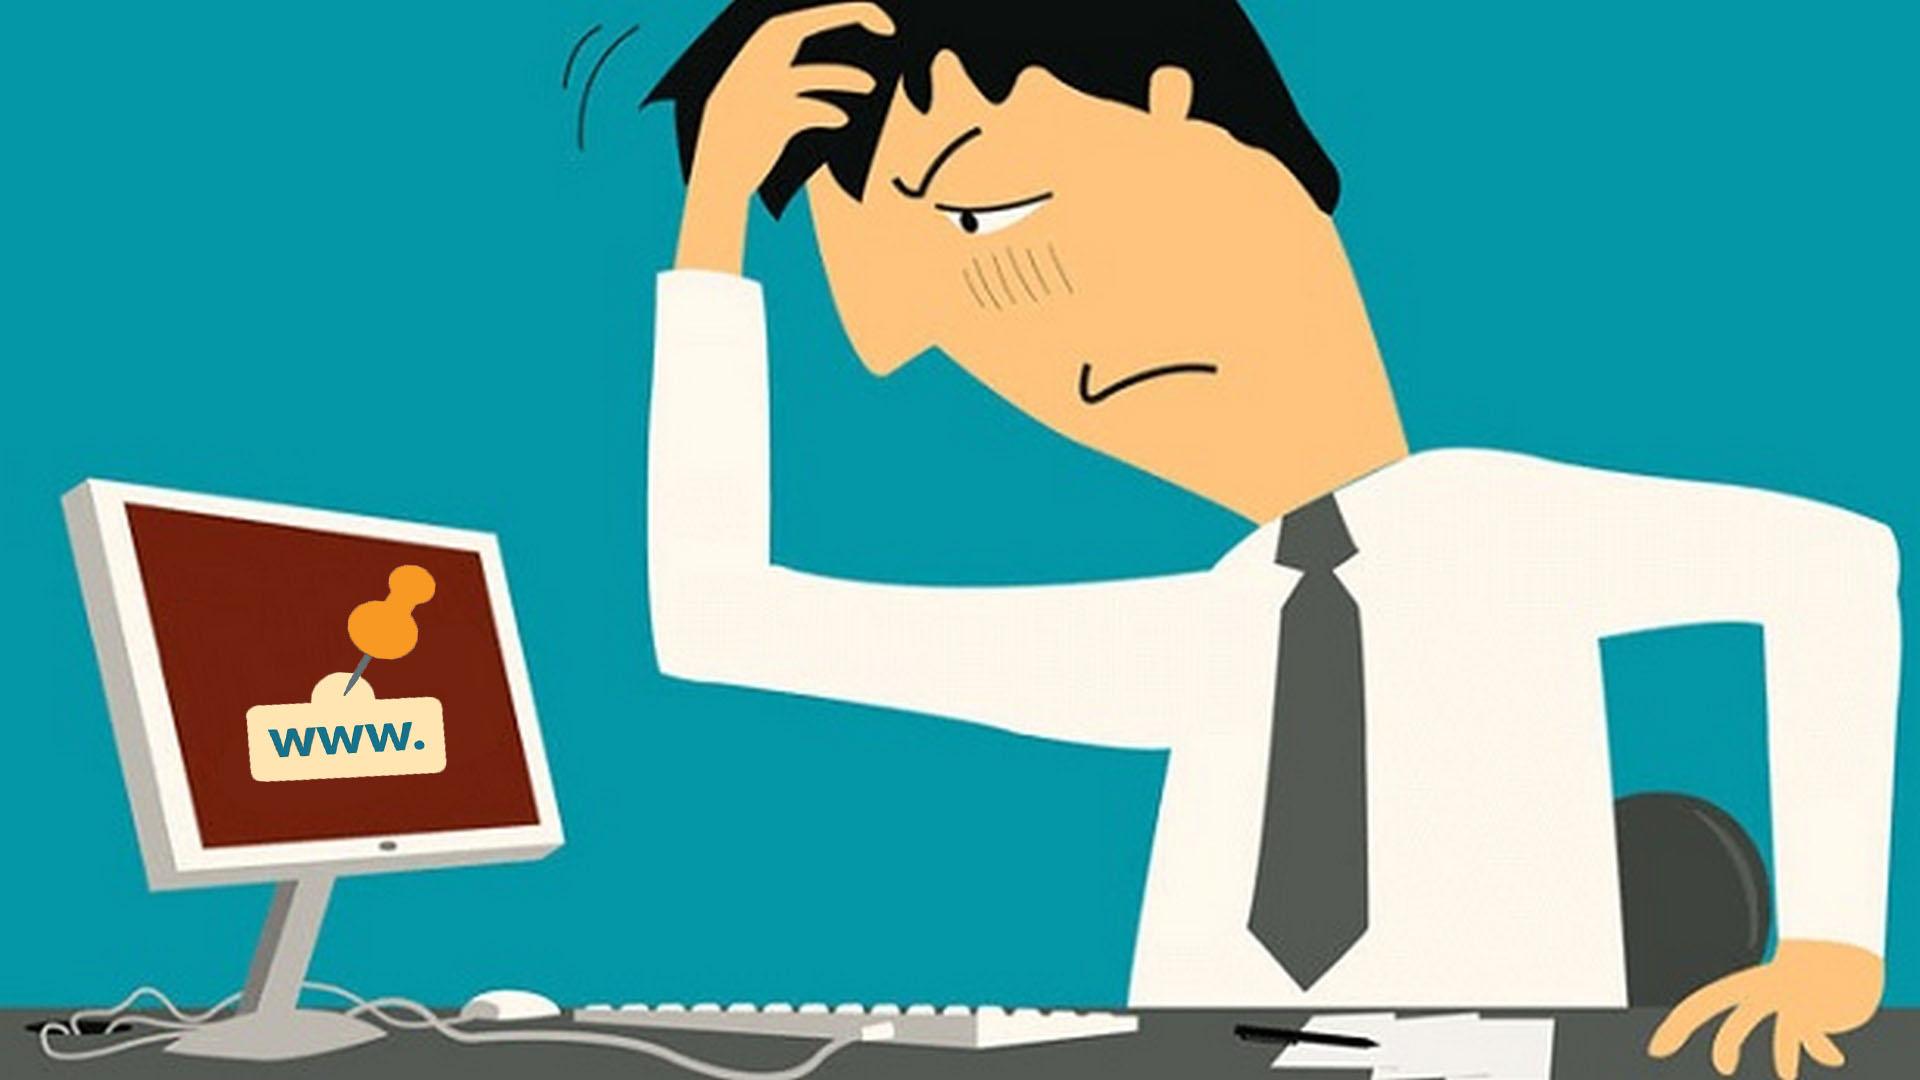 Как проверить домен перед покупкой и зачем это делать